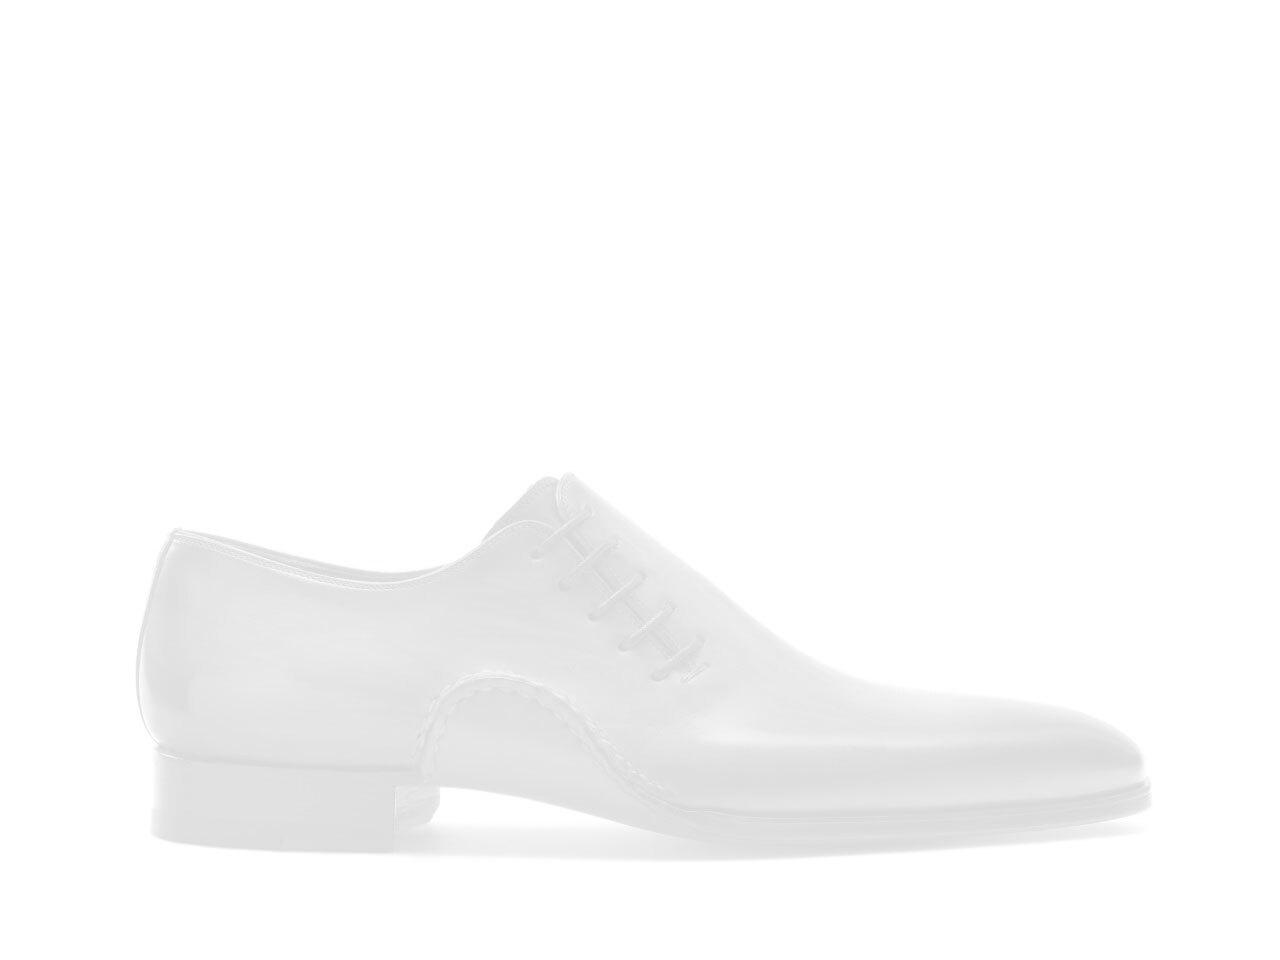 Side view of the Magnanni Lucero Cognac Men's Single Monk Strap Shoes